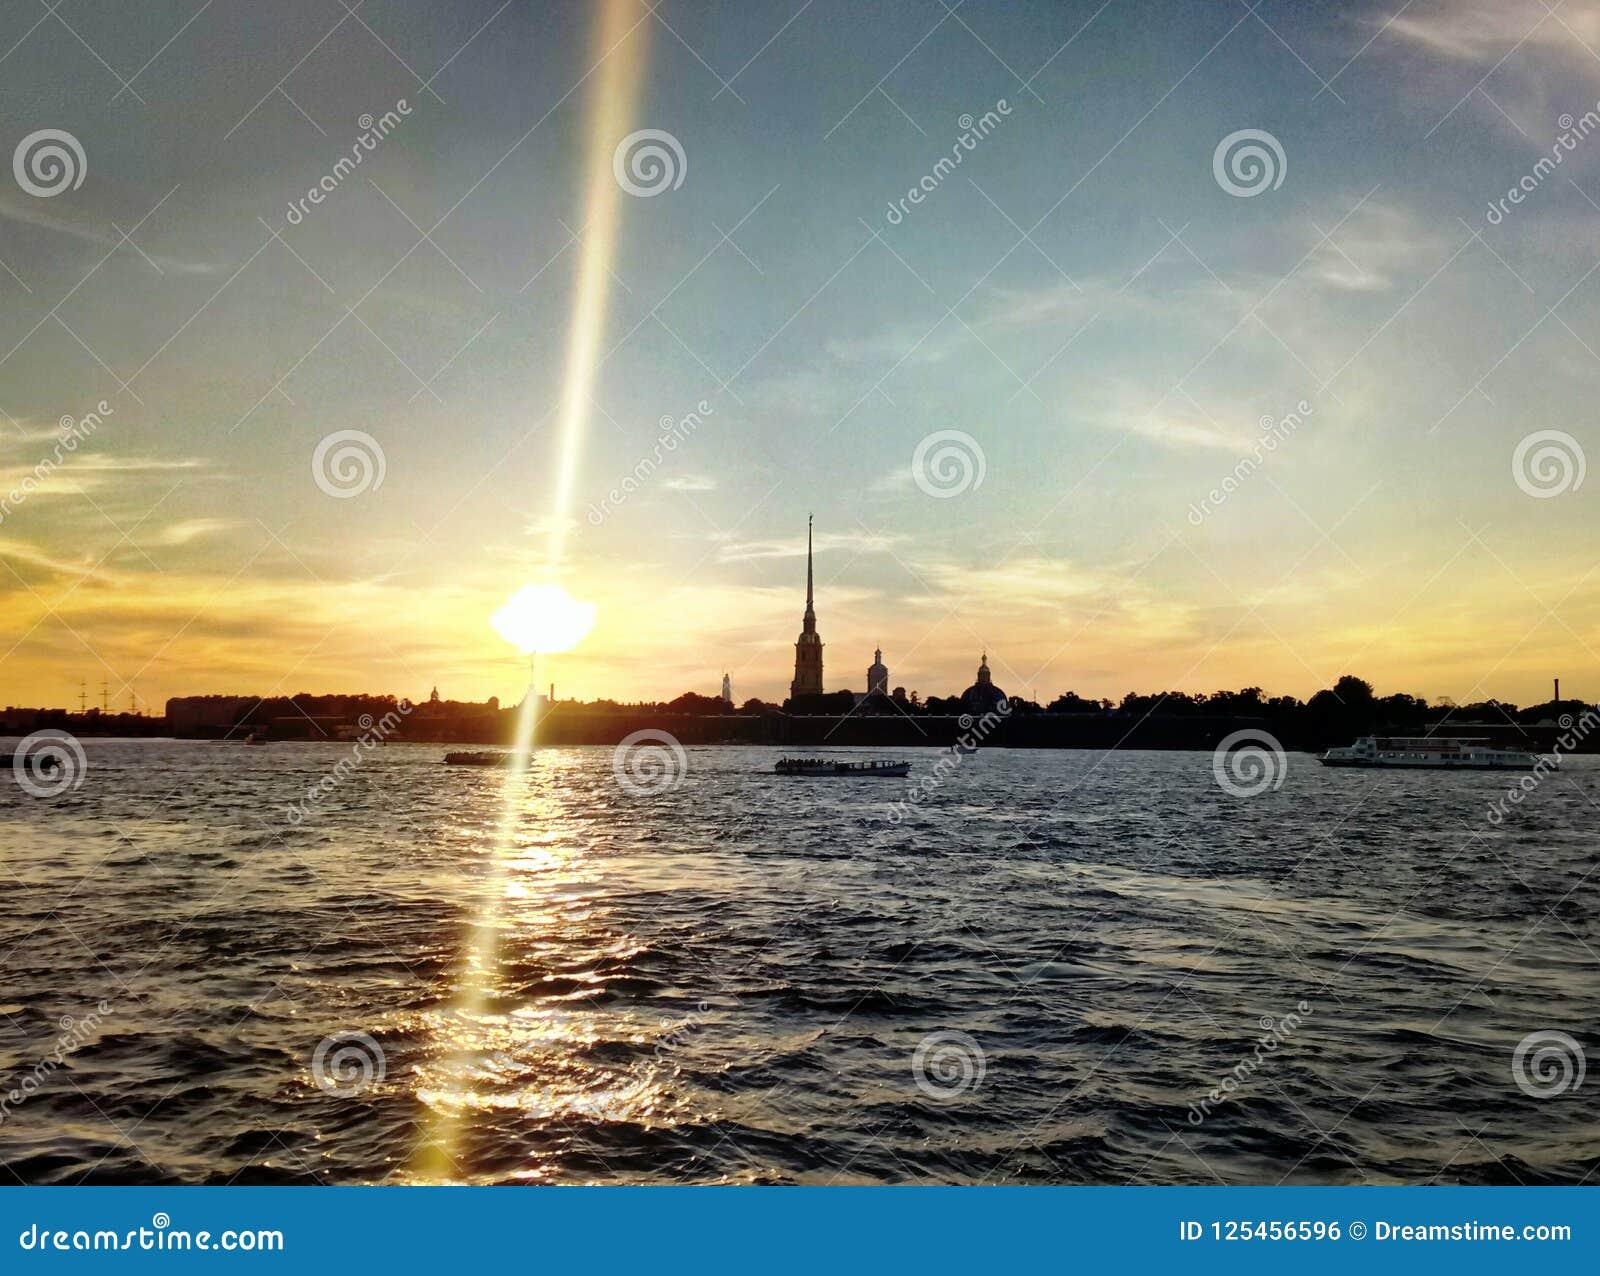 在内娃河的日落视图,俄罗斯联邦,圣彼德堡